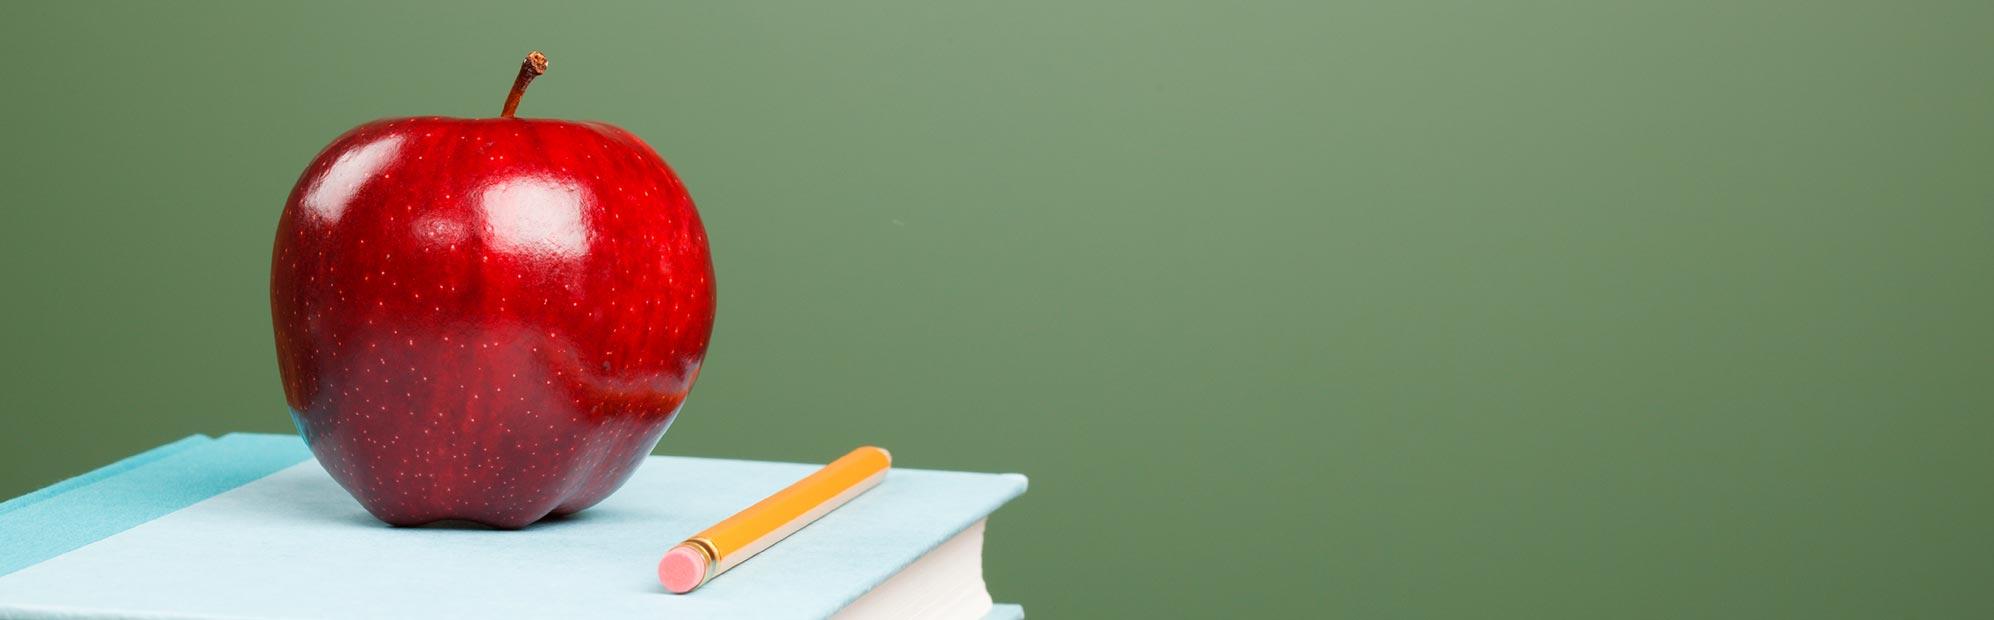 Classroom Websites | WordPress.com